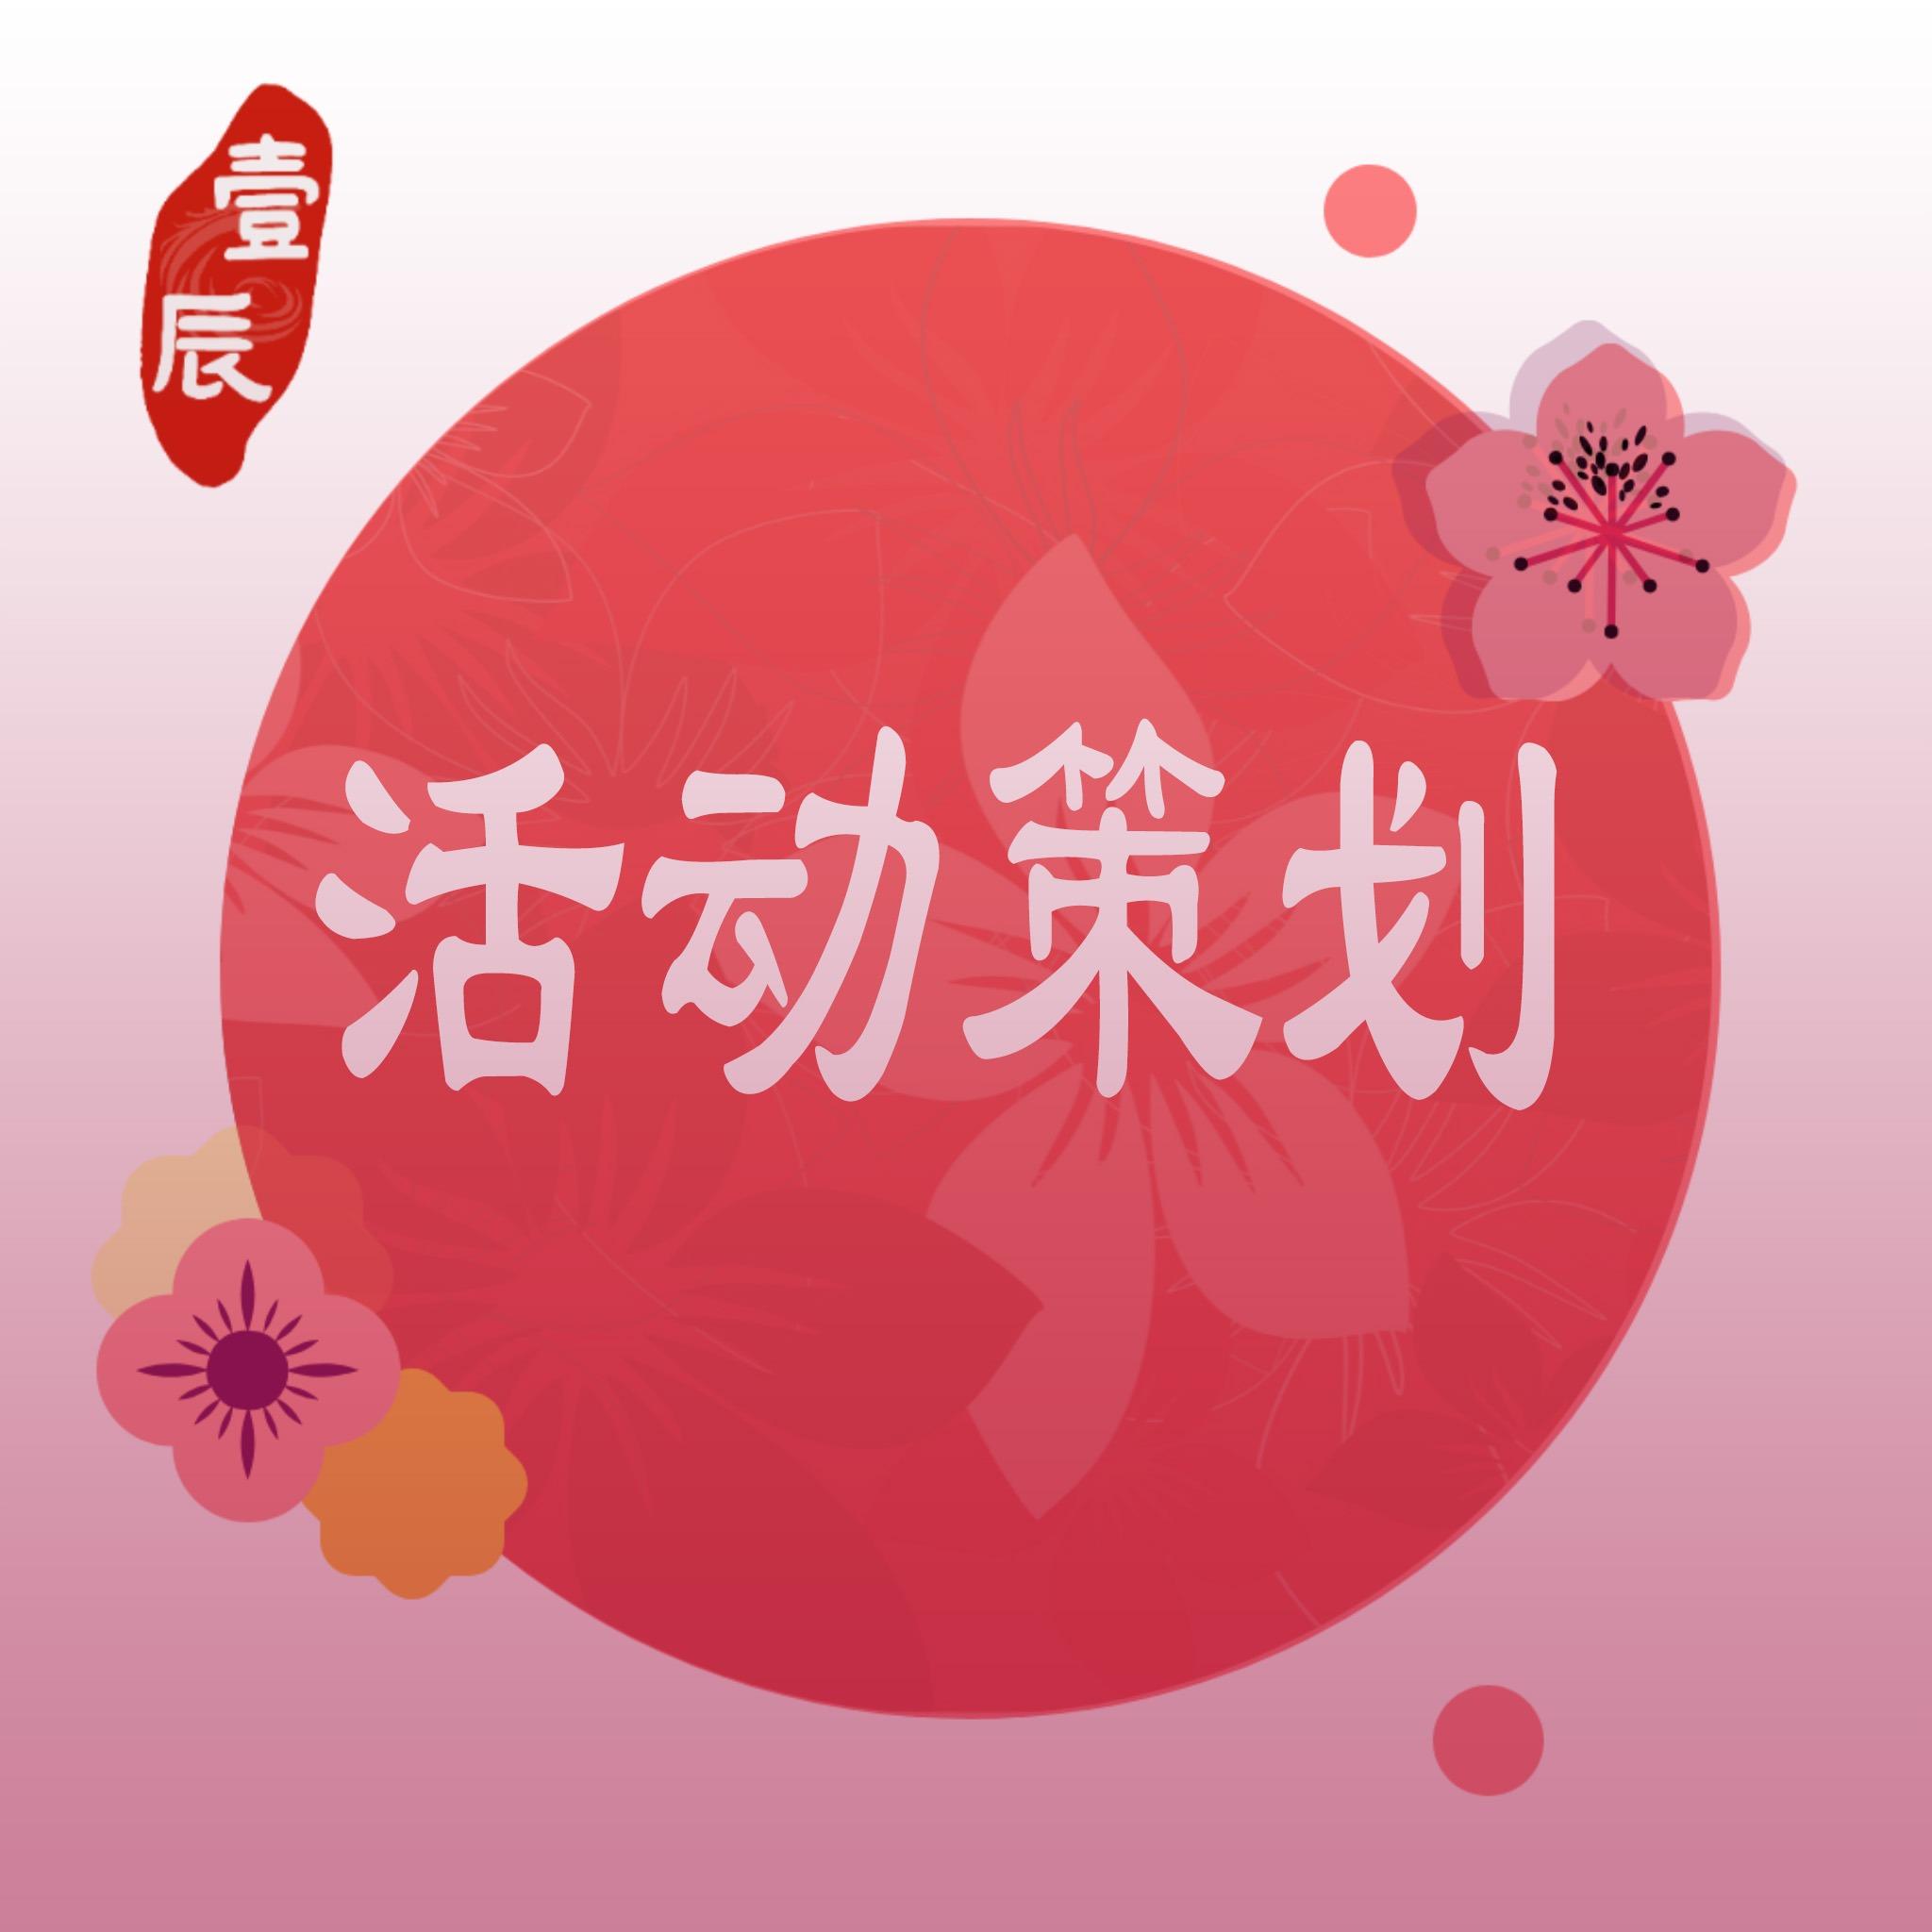 【活动方案】文化节旅游节早教联谊连锁营销品牌活动党建团建活动